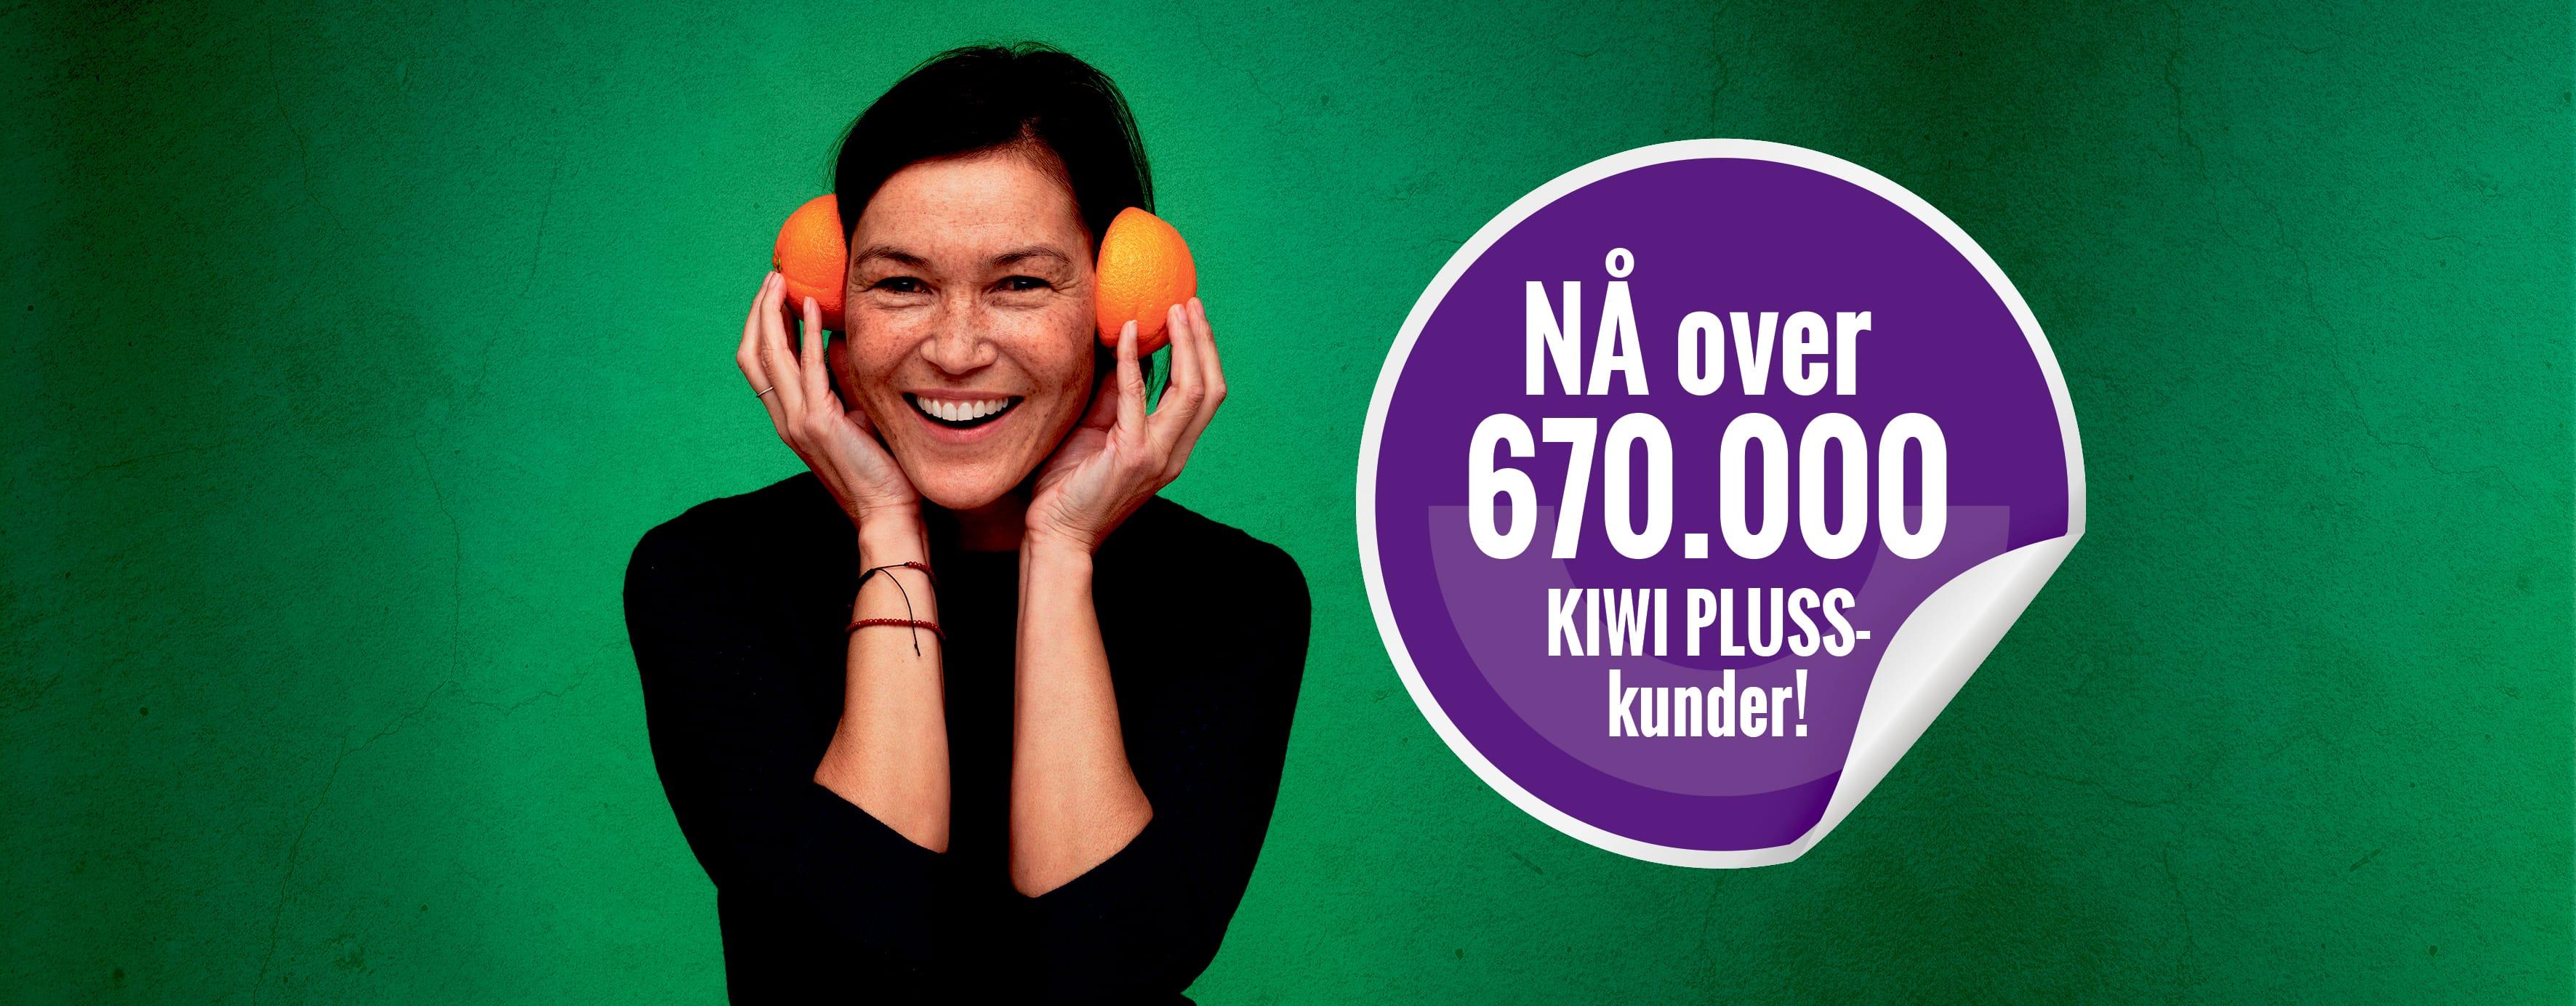 Etter bare ett år er allerede over 670.000 nordmenn KIWI PLUSS-kunder. De både spiser sunnere og handler billigere.